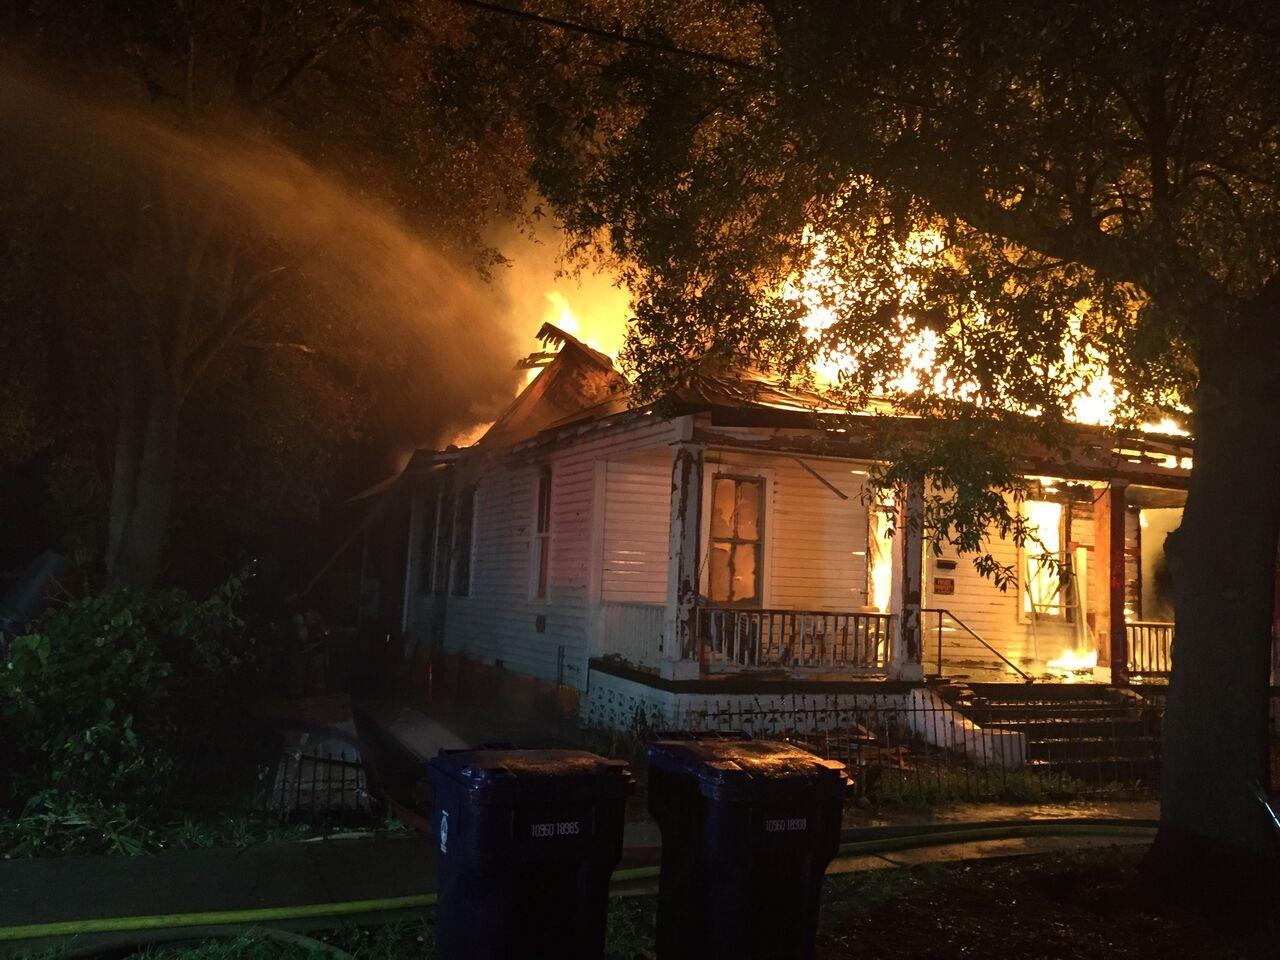 Firemen Battle Early Morning House Fire